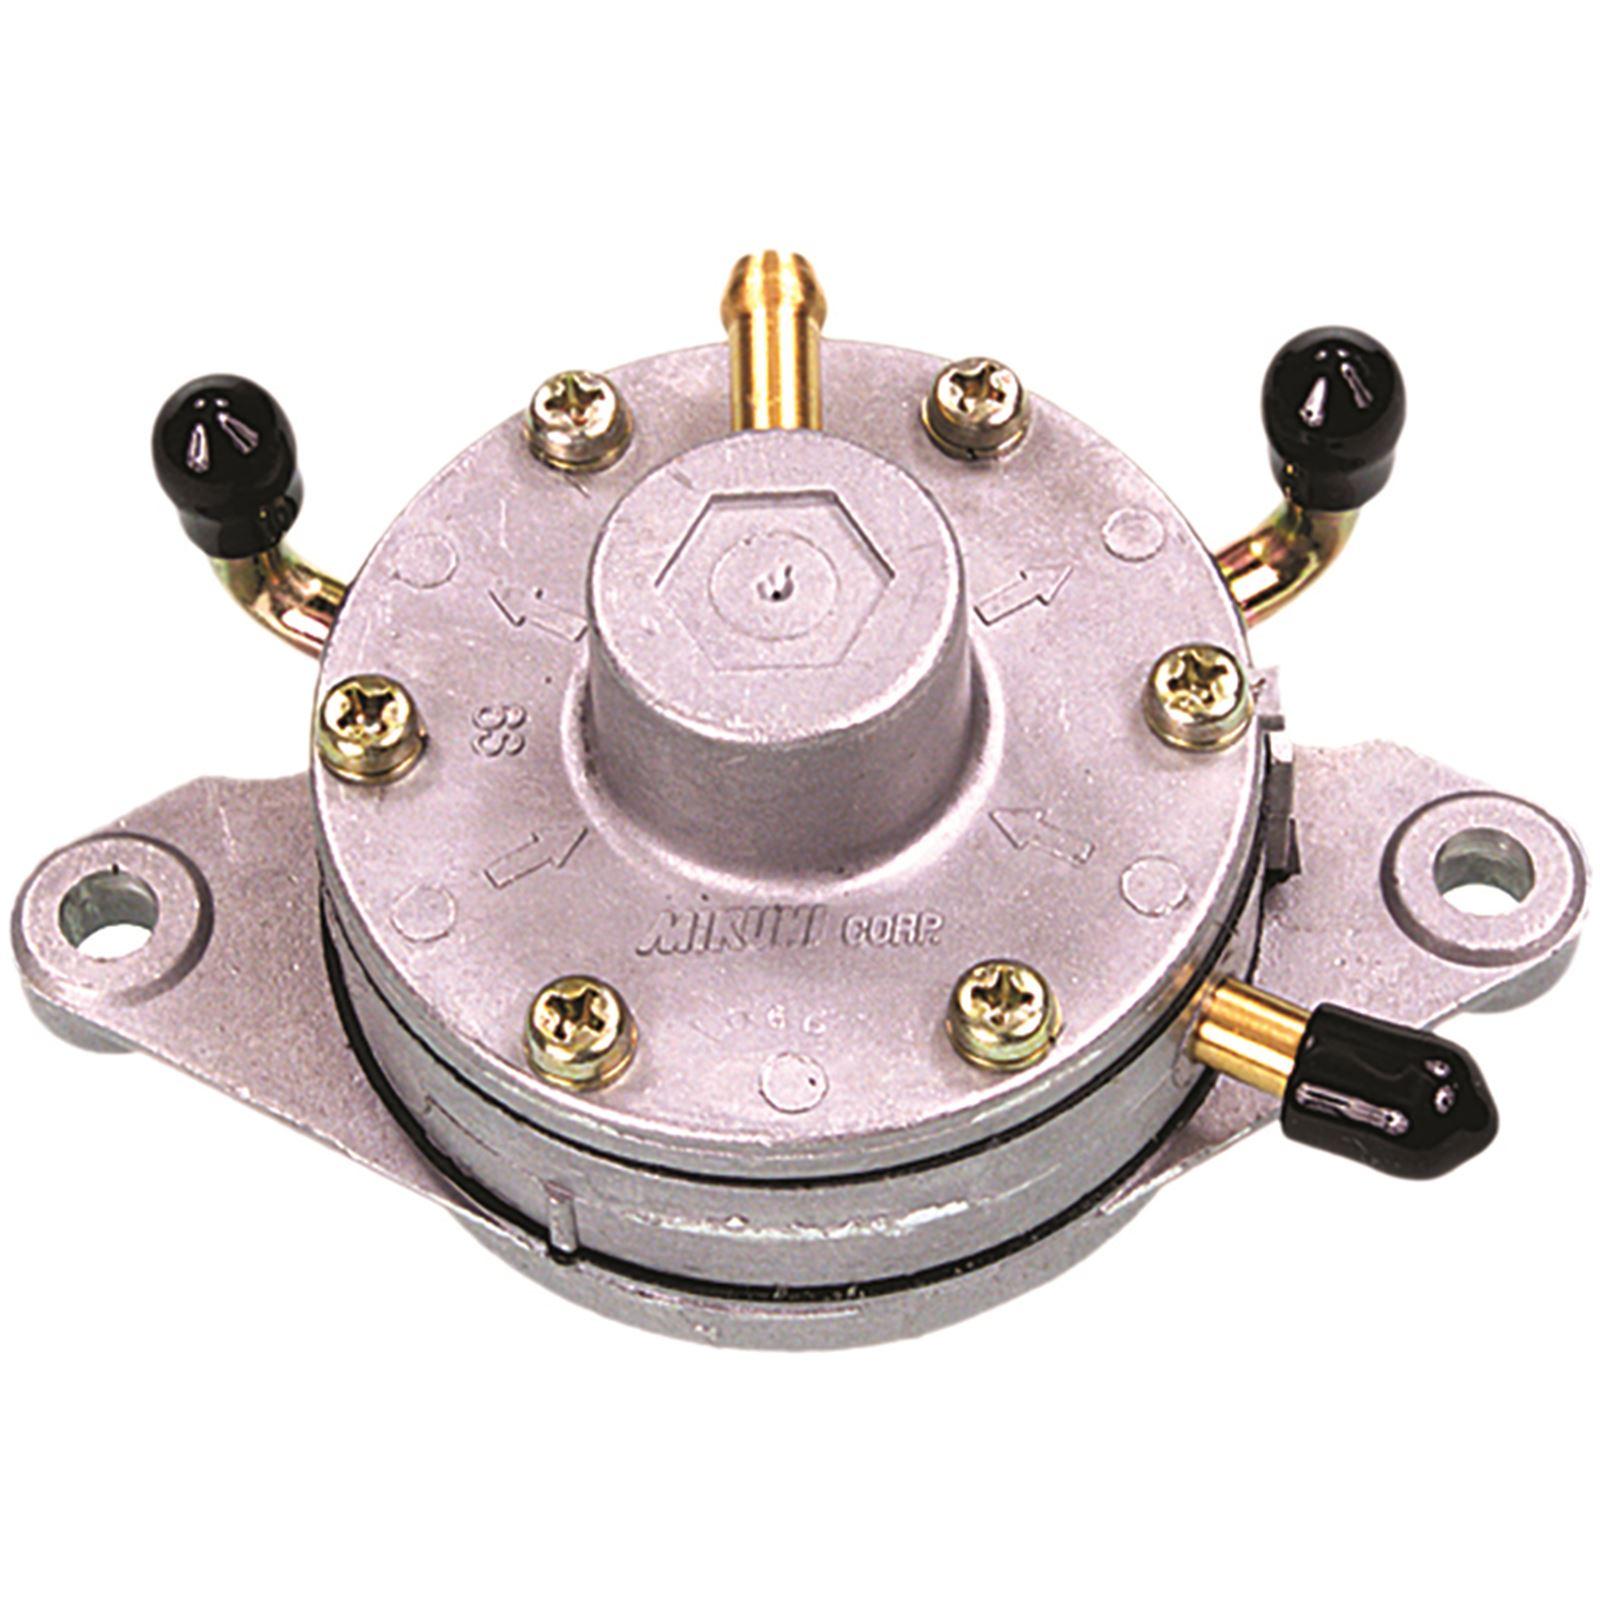 Mikuni Fuel Pump